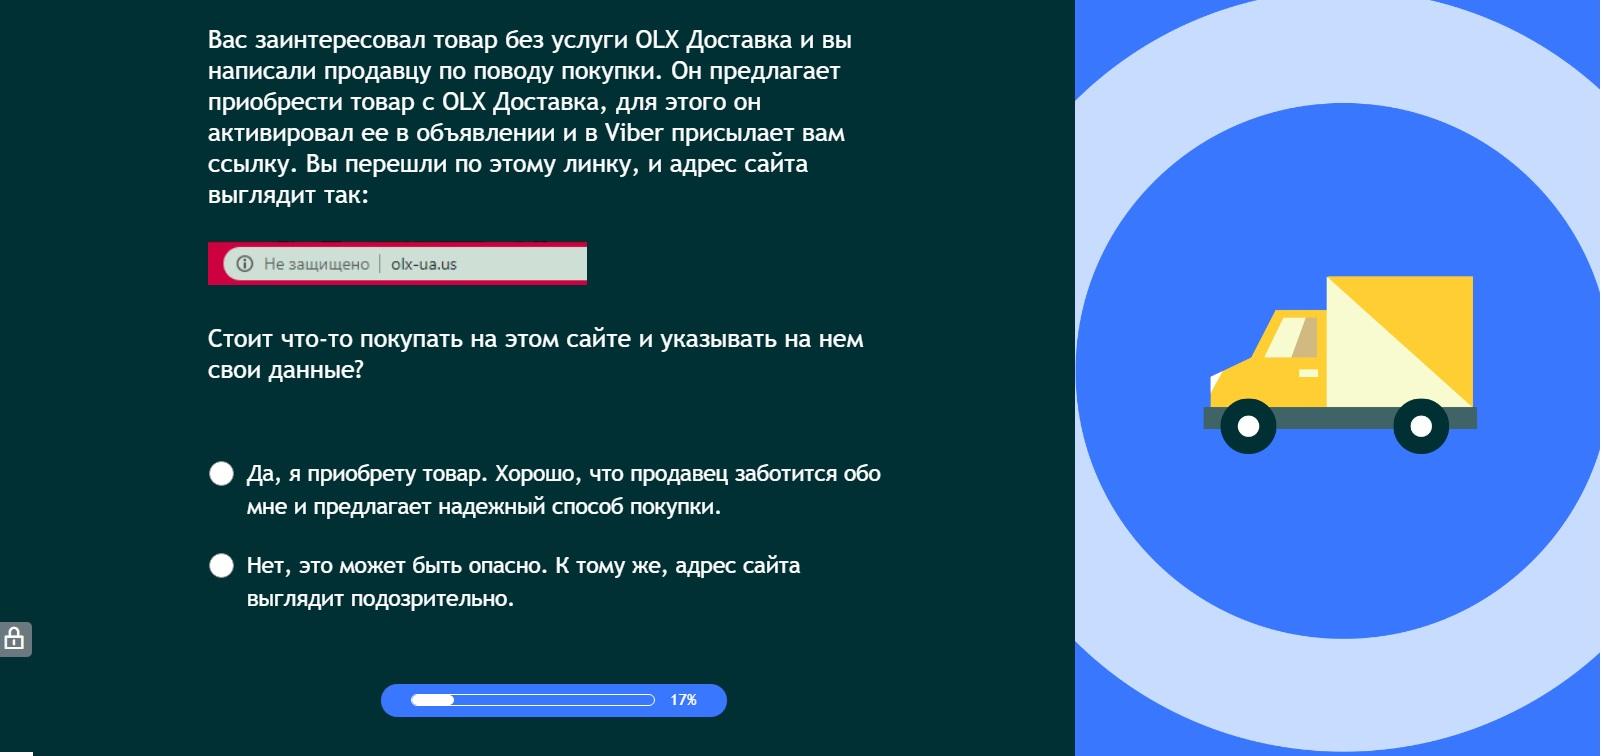 олх2.jpg (165 KB)